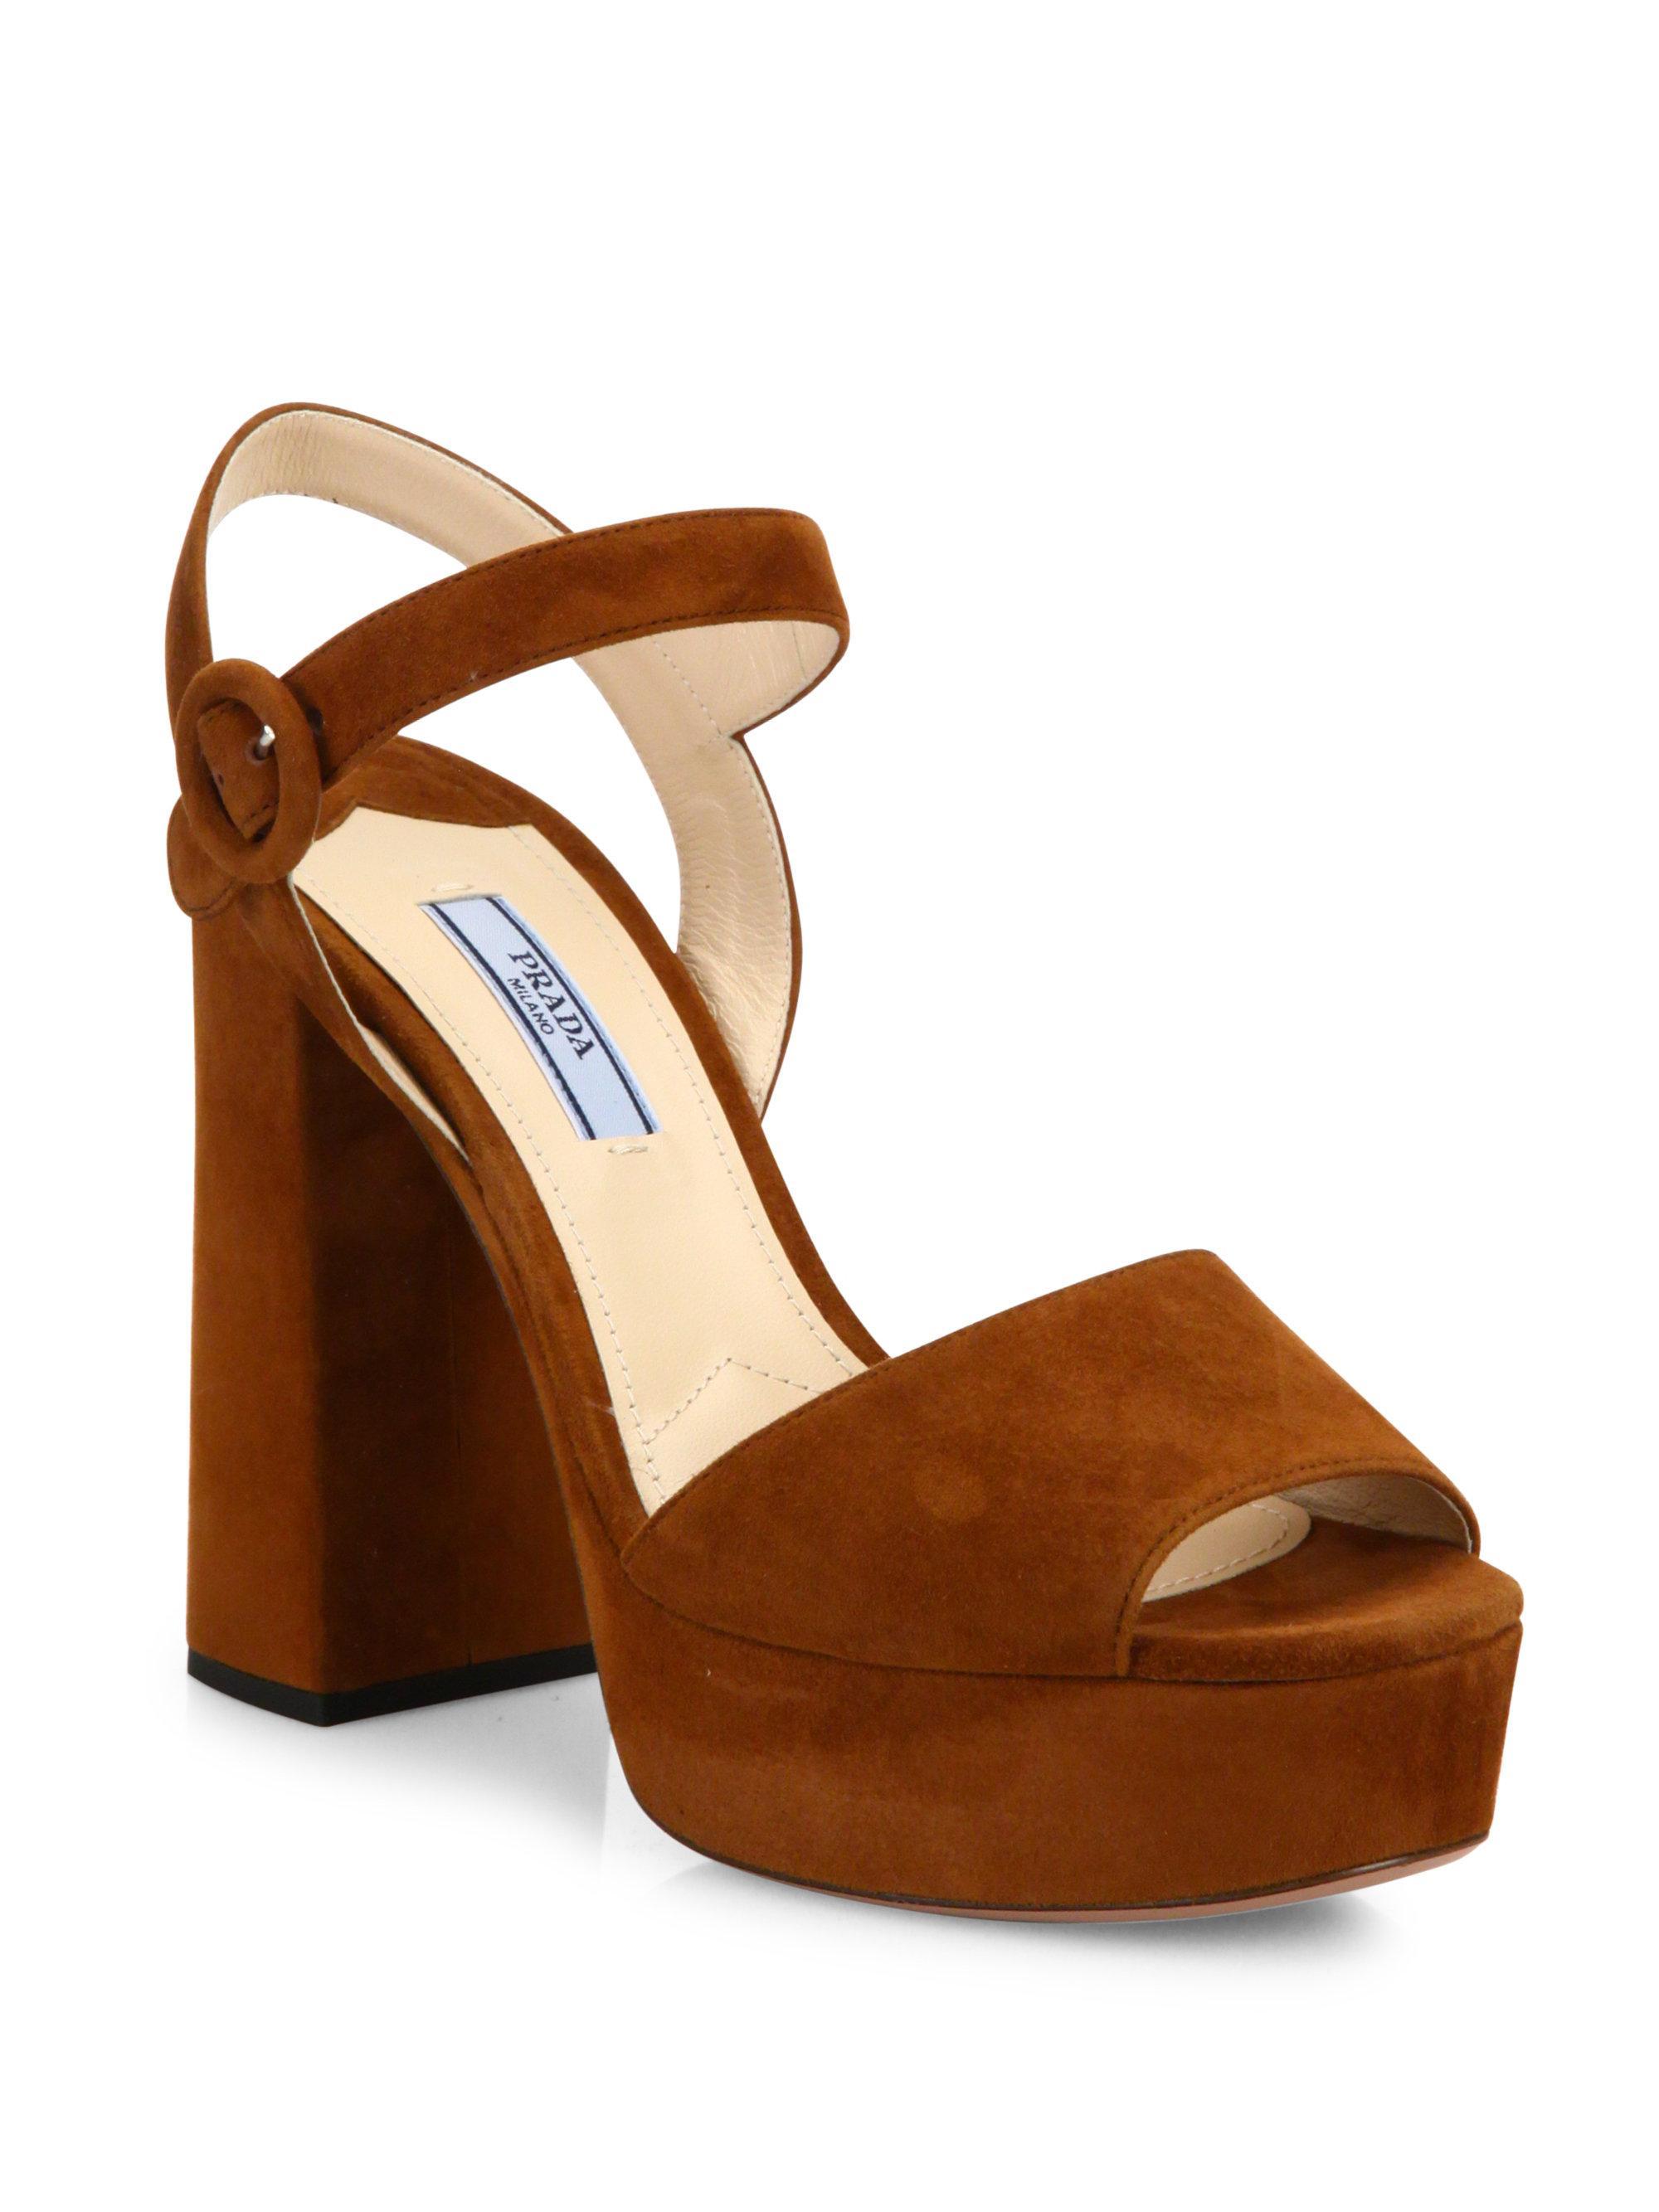 dac03ecd790 Lyst - Prada Suede Peep Toe Platform Sandals in Brown